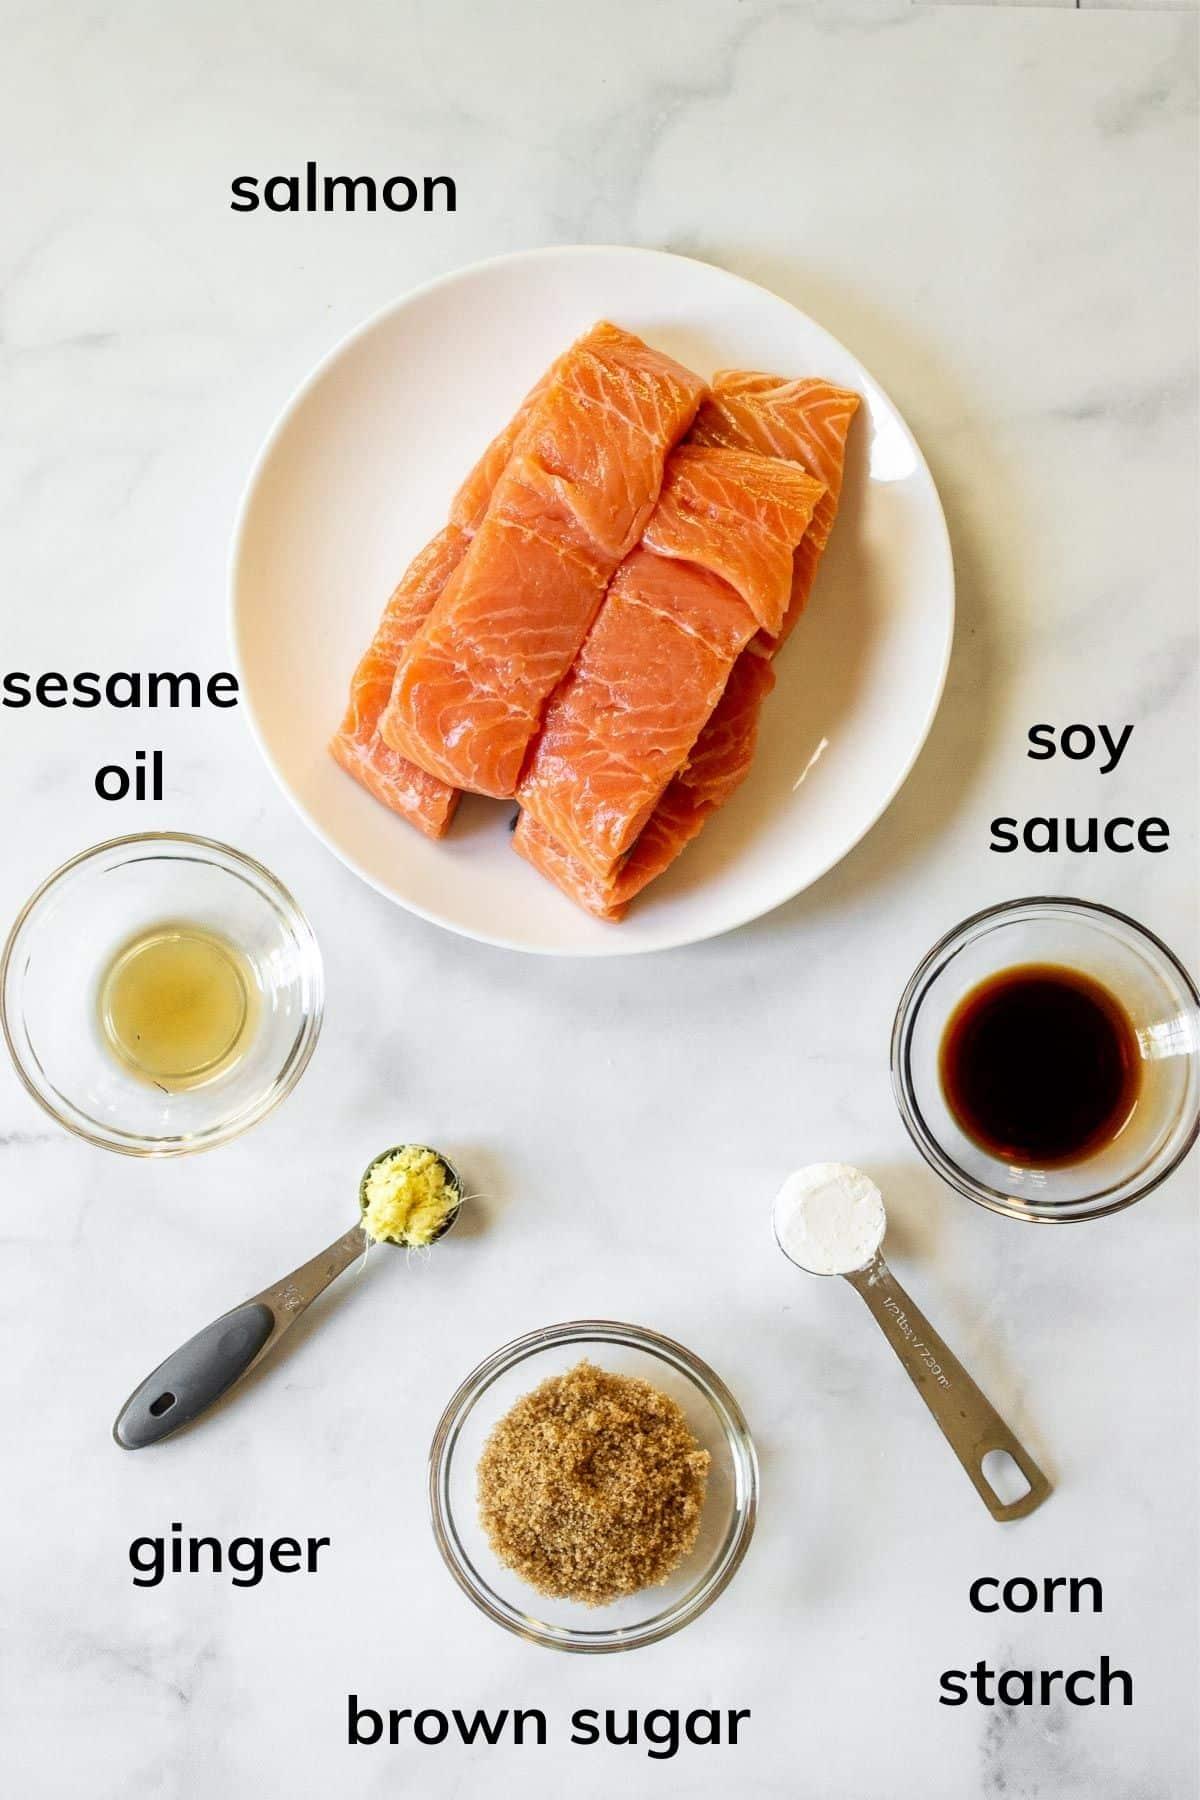 Ingredients to make Teriyaki Salmon in the air fryer